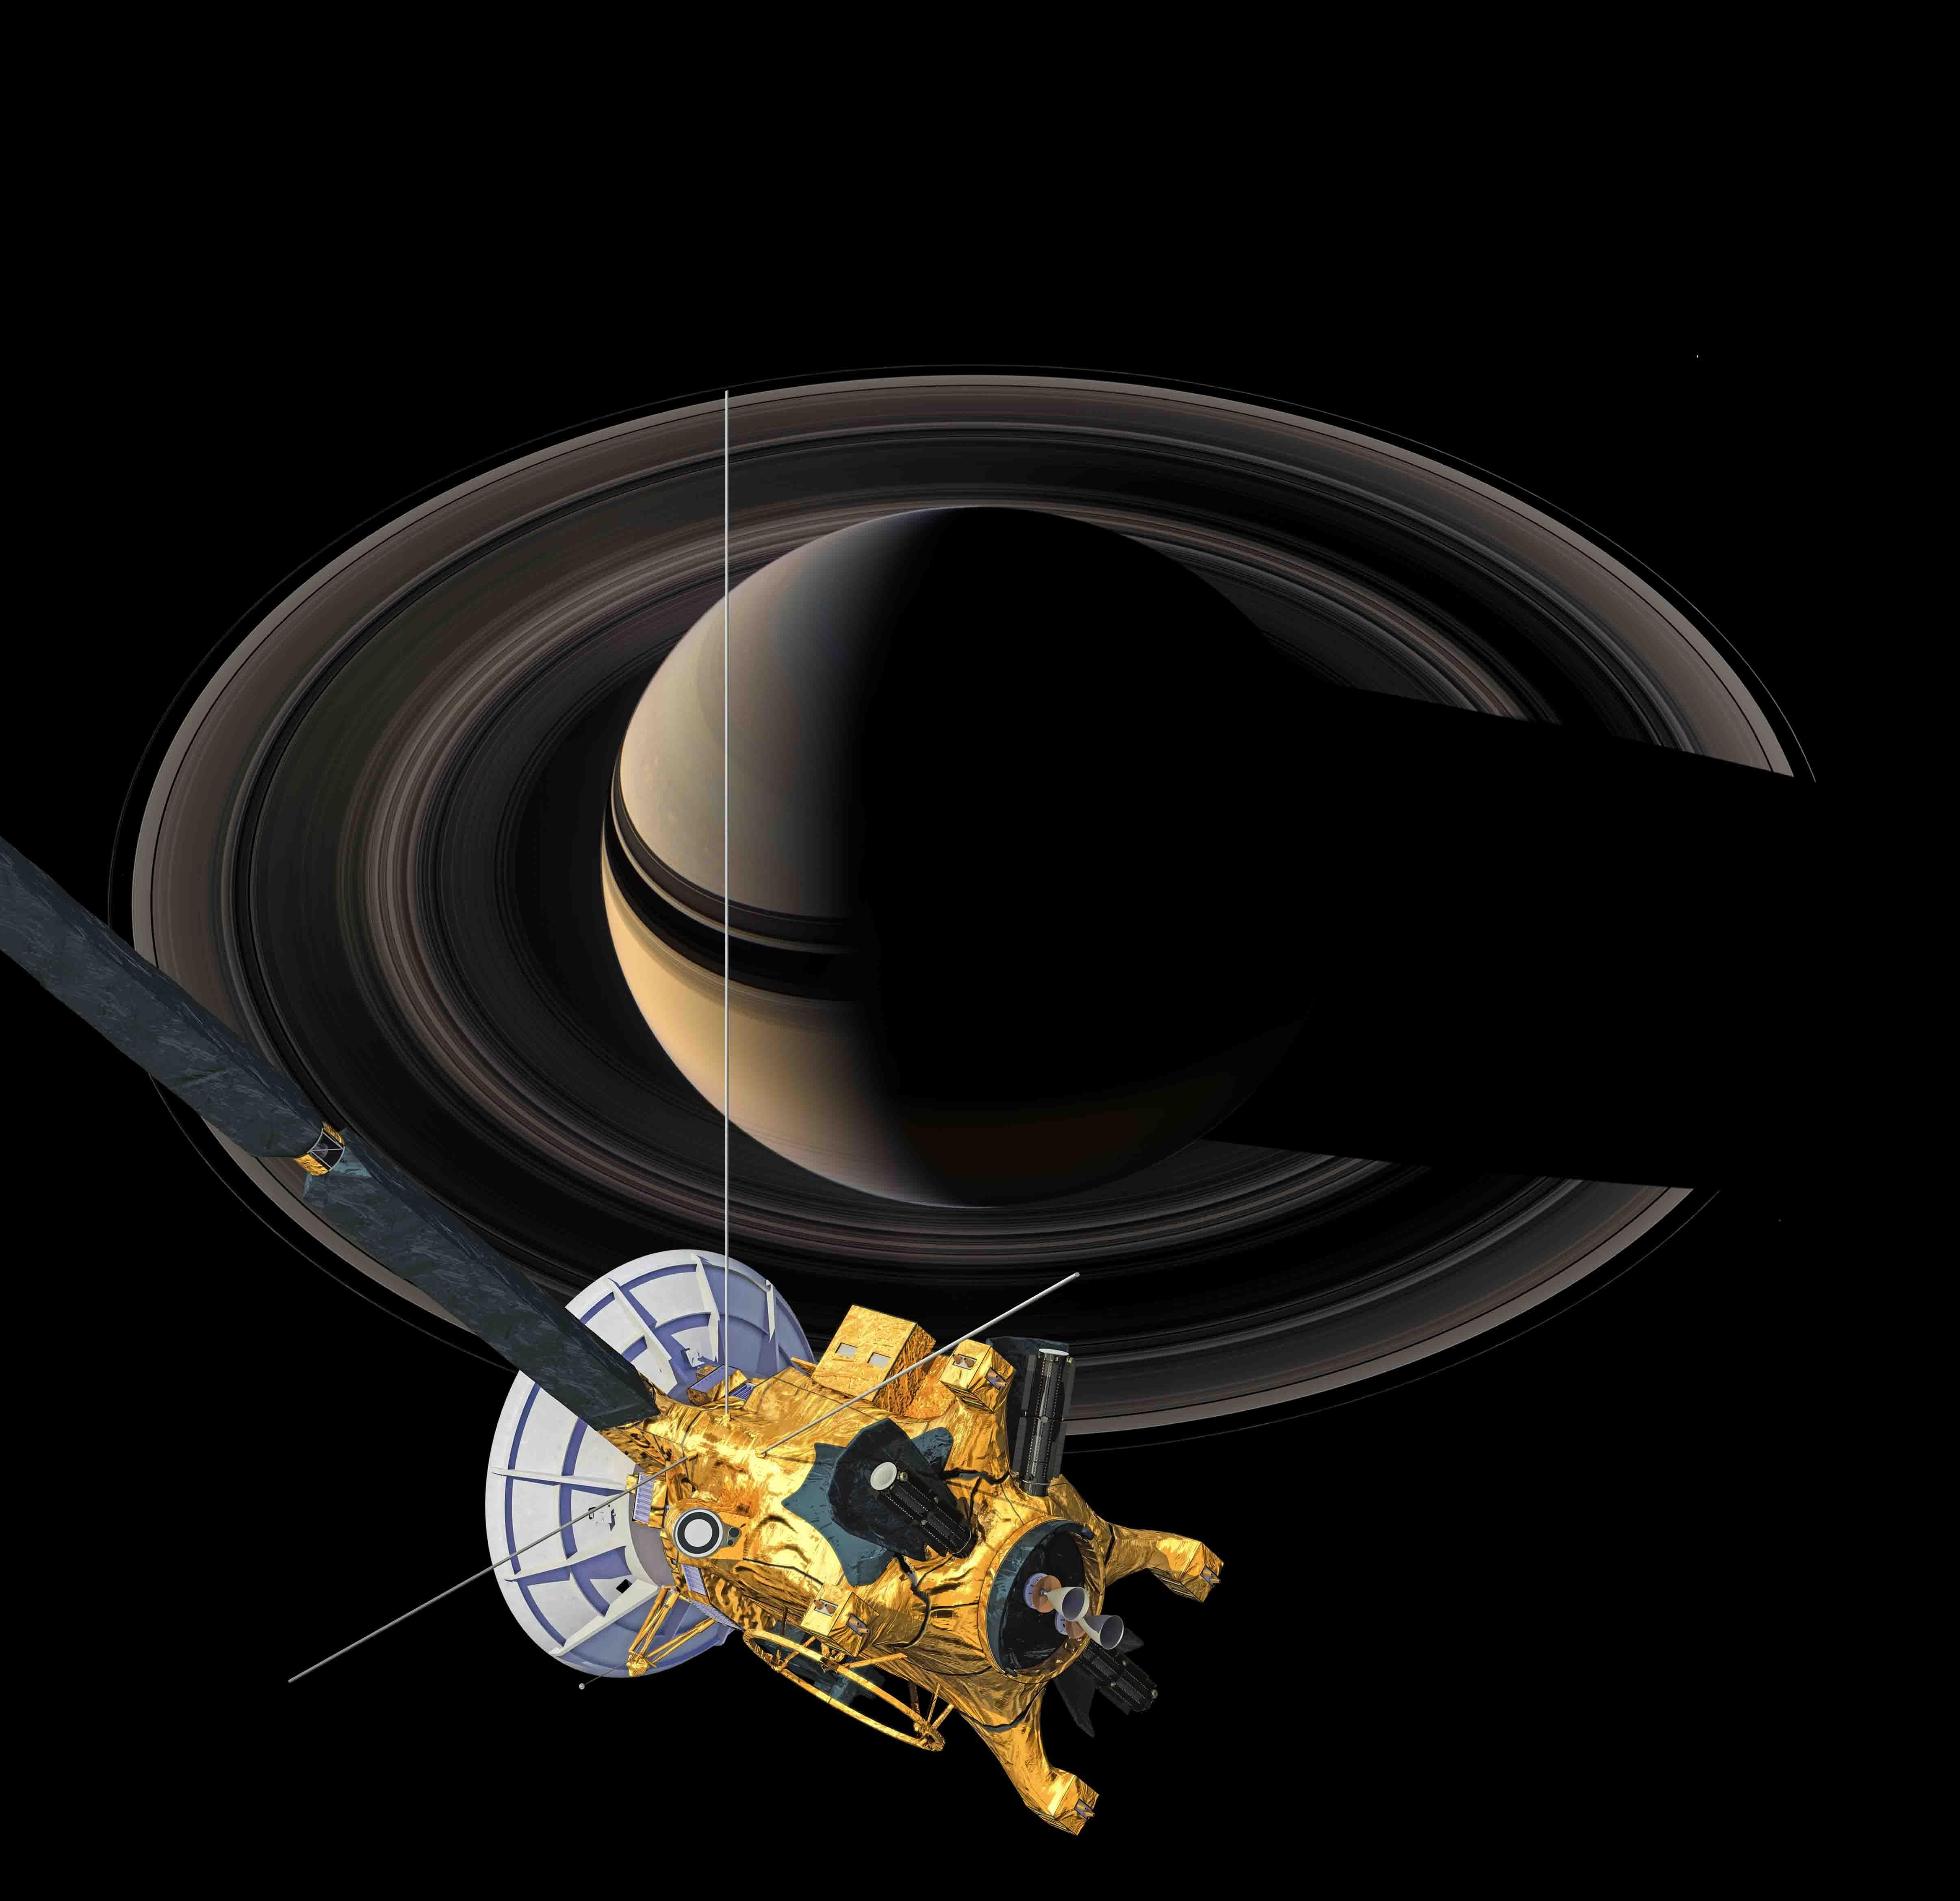 Cassini un blouissant regard sur un lent et lointain for Un lointain miroir